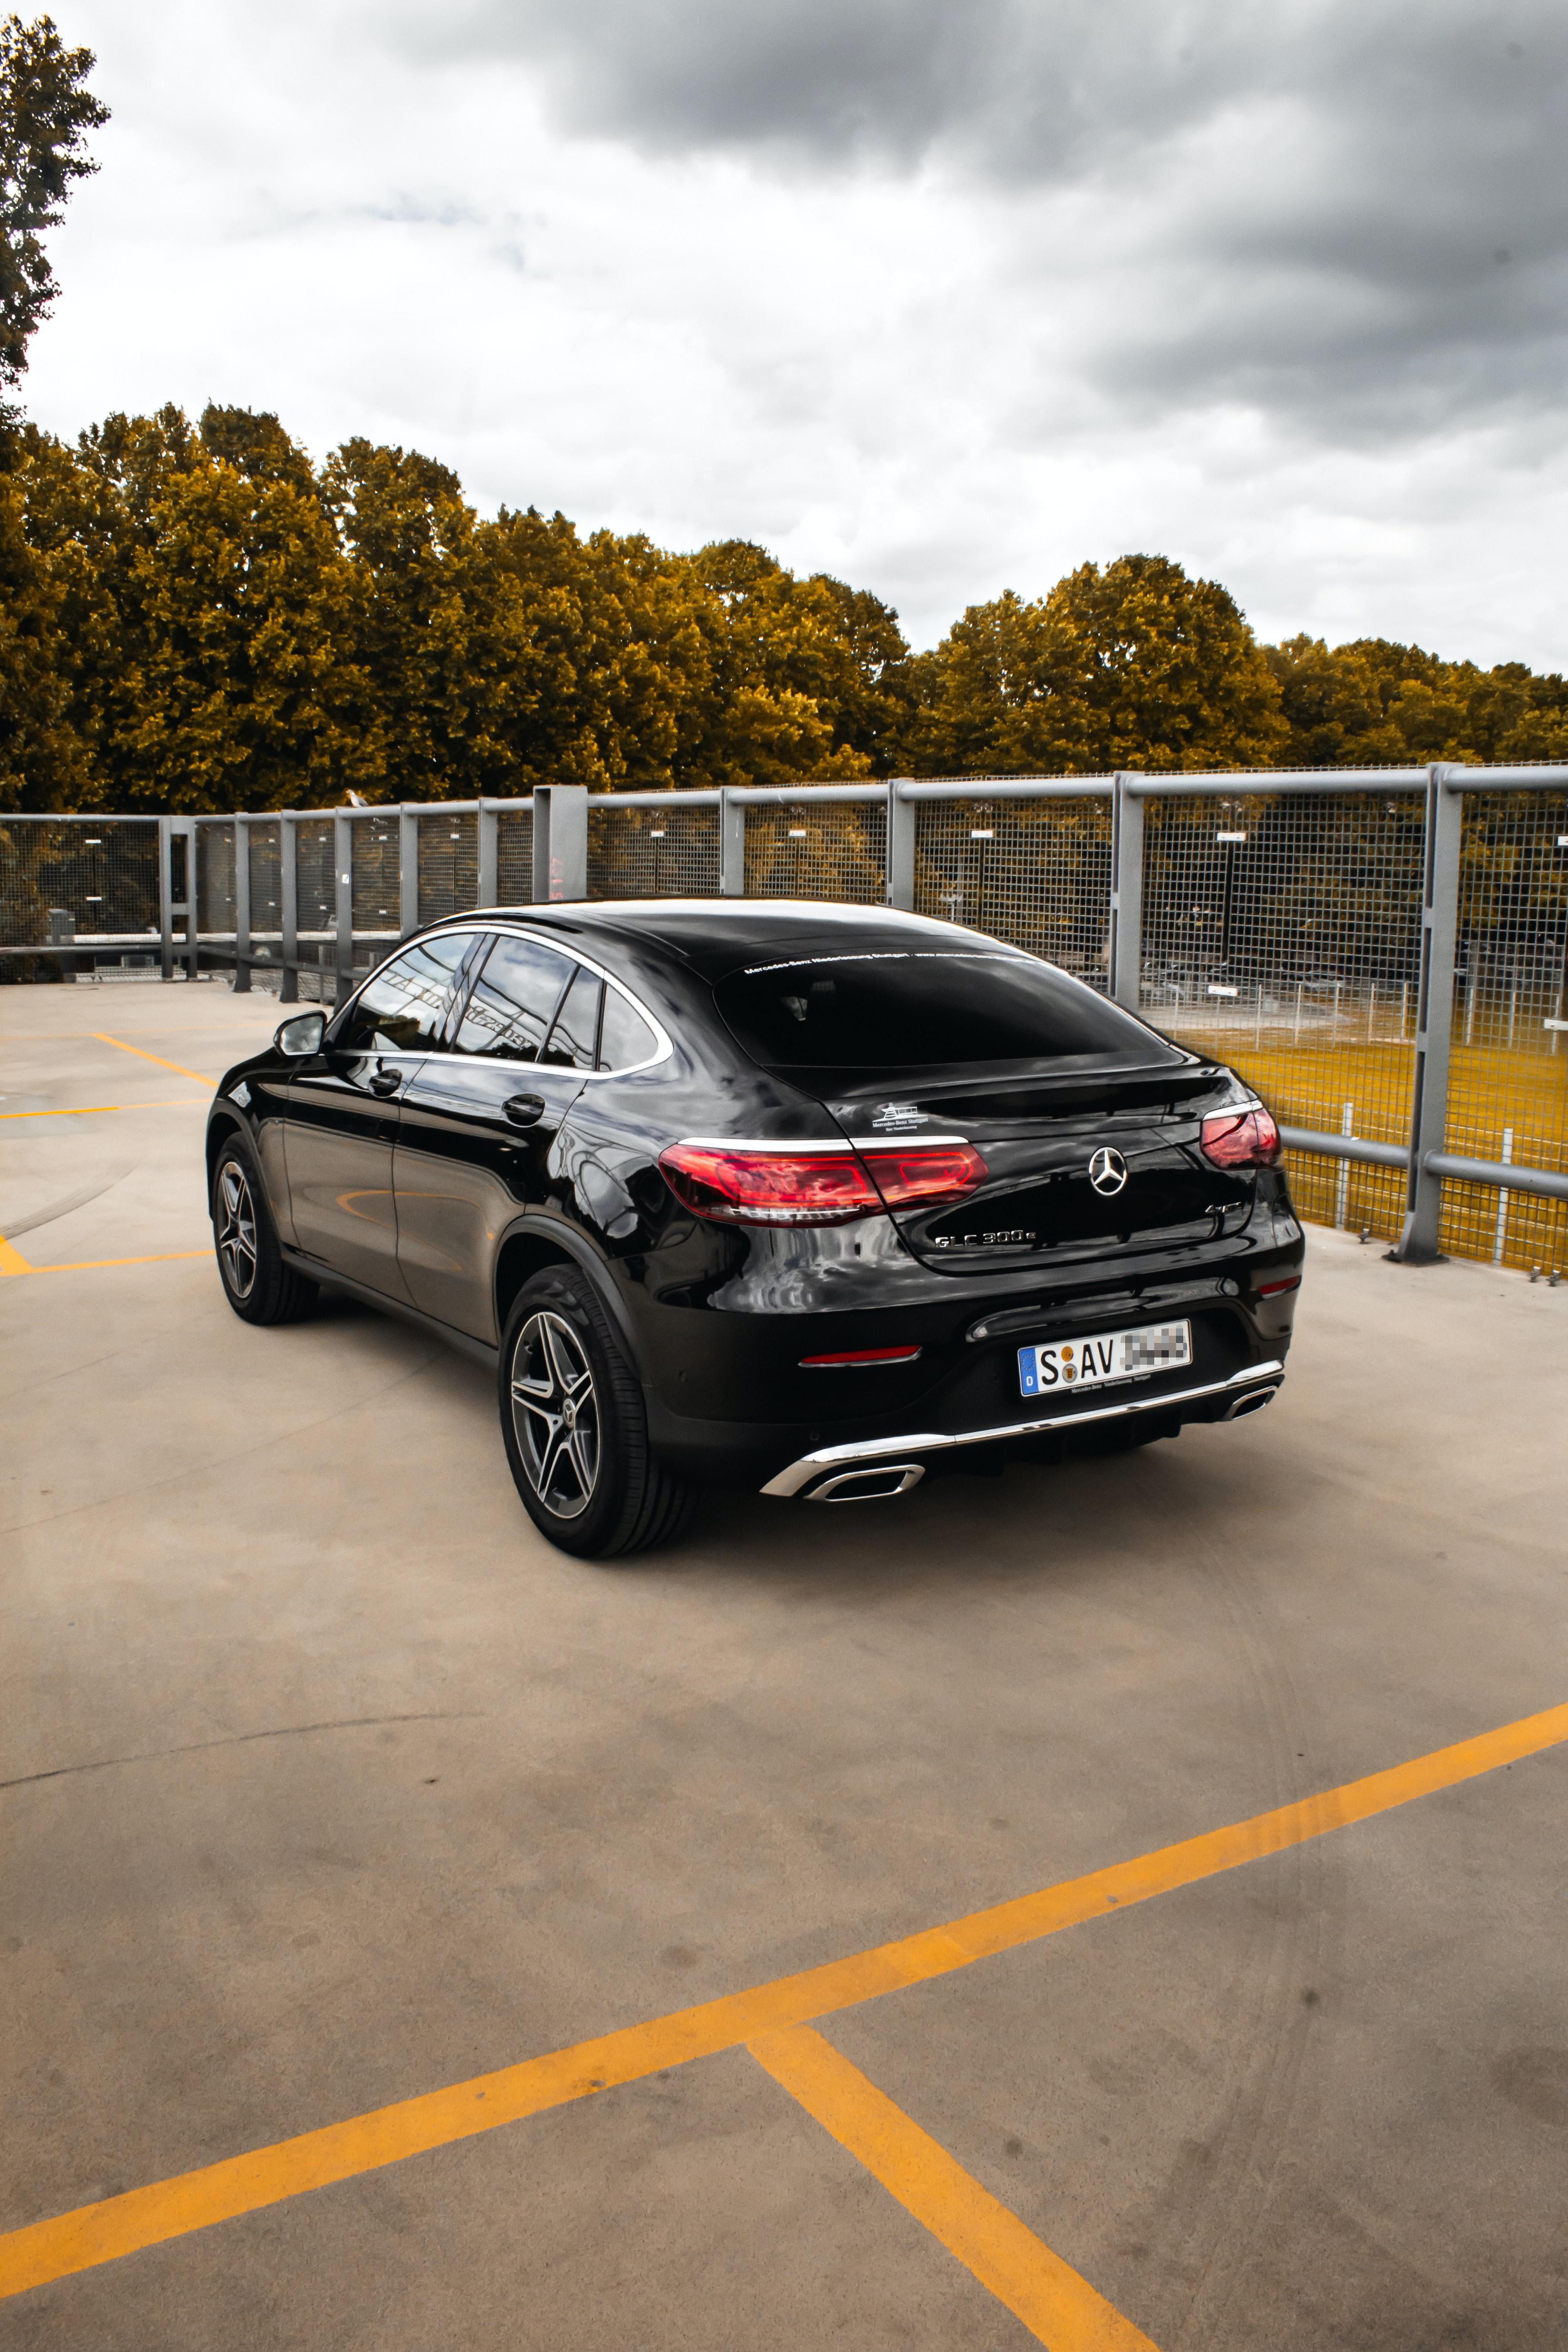 107767 Hintergrundbild herunterladen Auto, Mercedes, Cars, Wagen, Das Schwarze, Mercedes Glc 300 - Bildschirmschoner und Bilder kostenlos